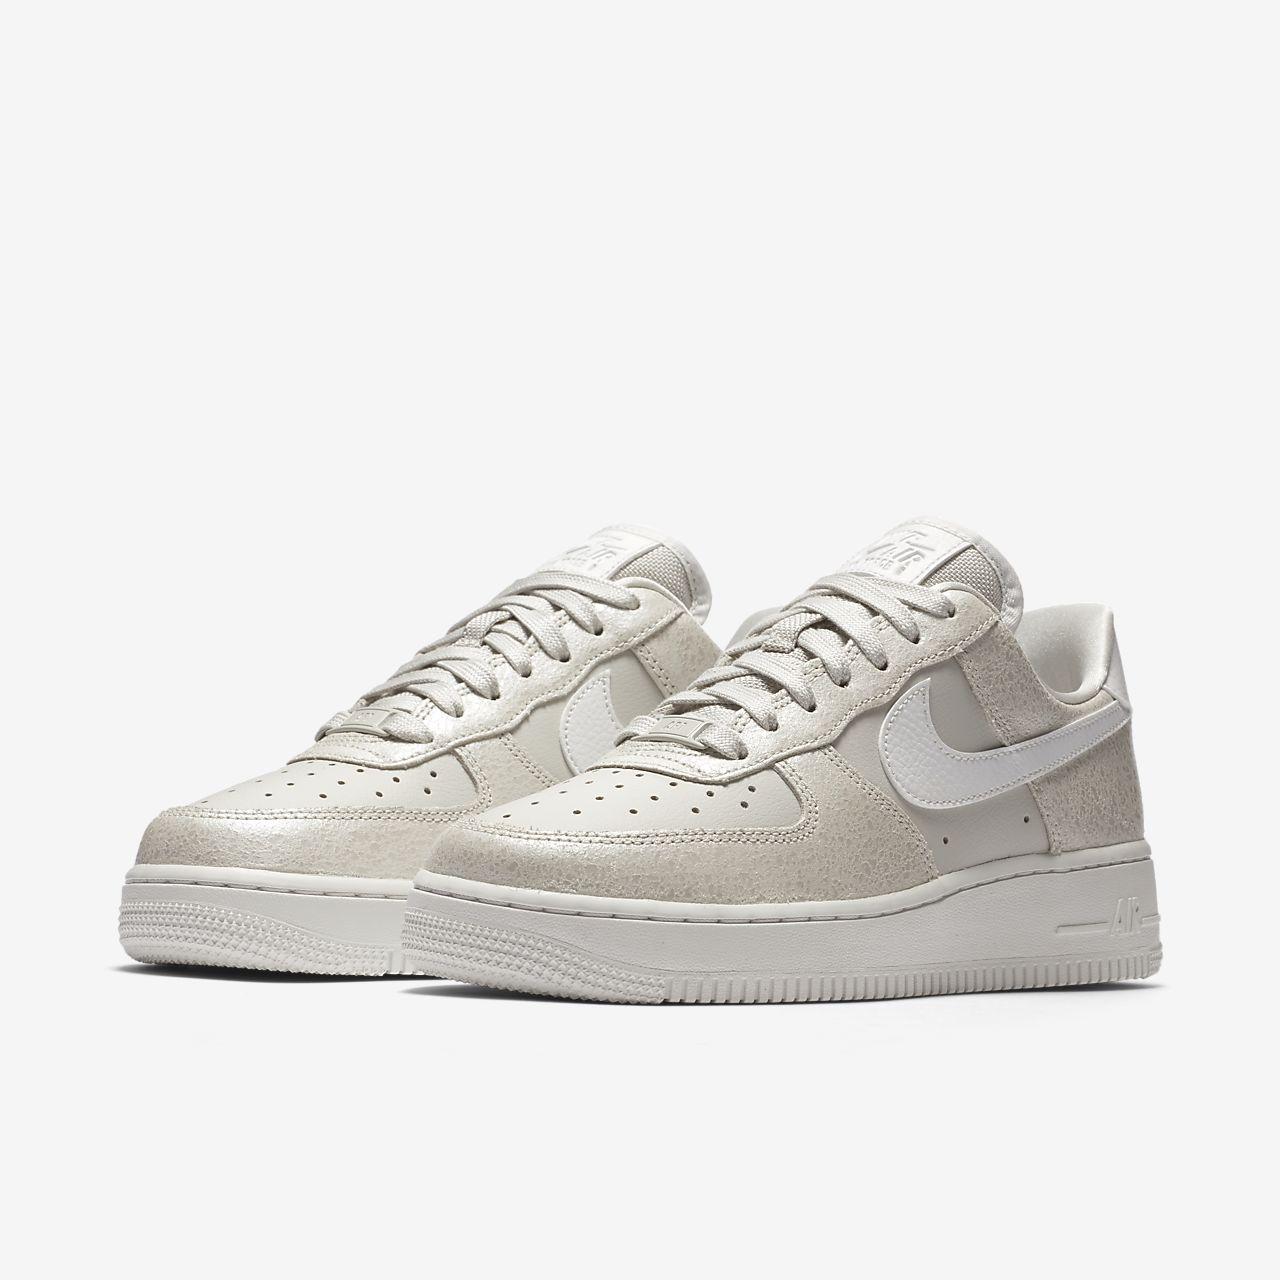 Nike Air Force 1 Prix Boule Blanche De Chaussures Pour Femmes 07.